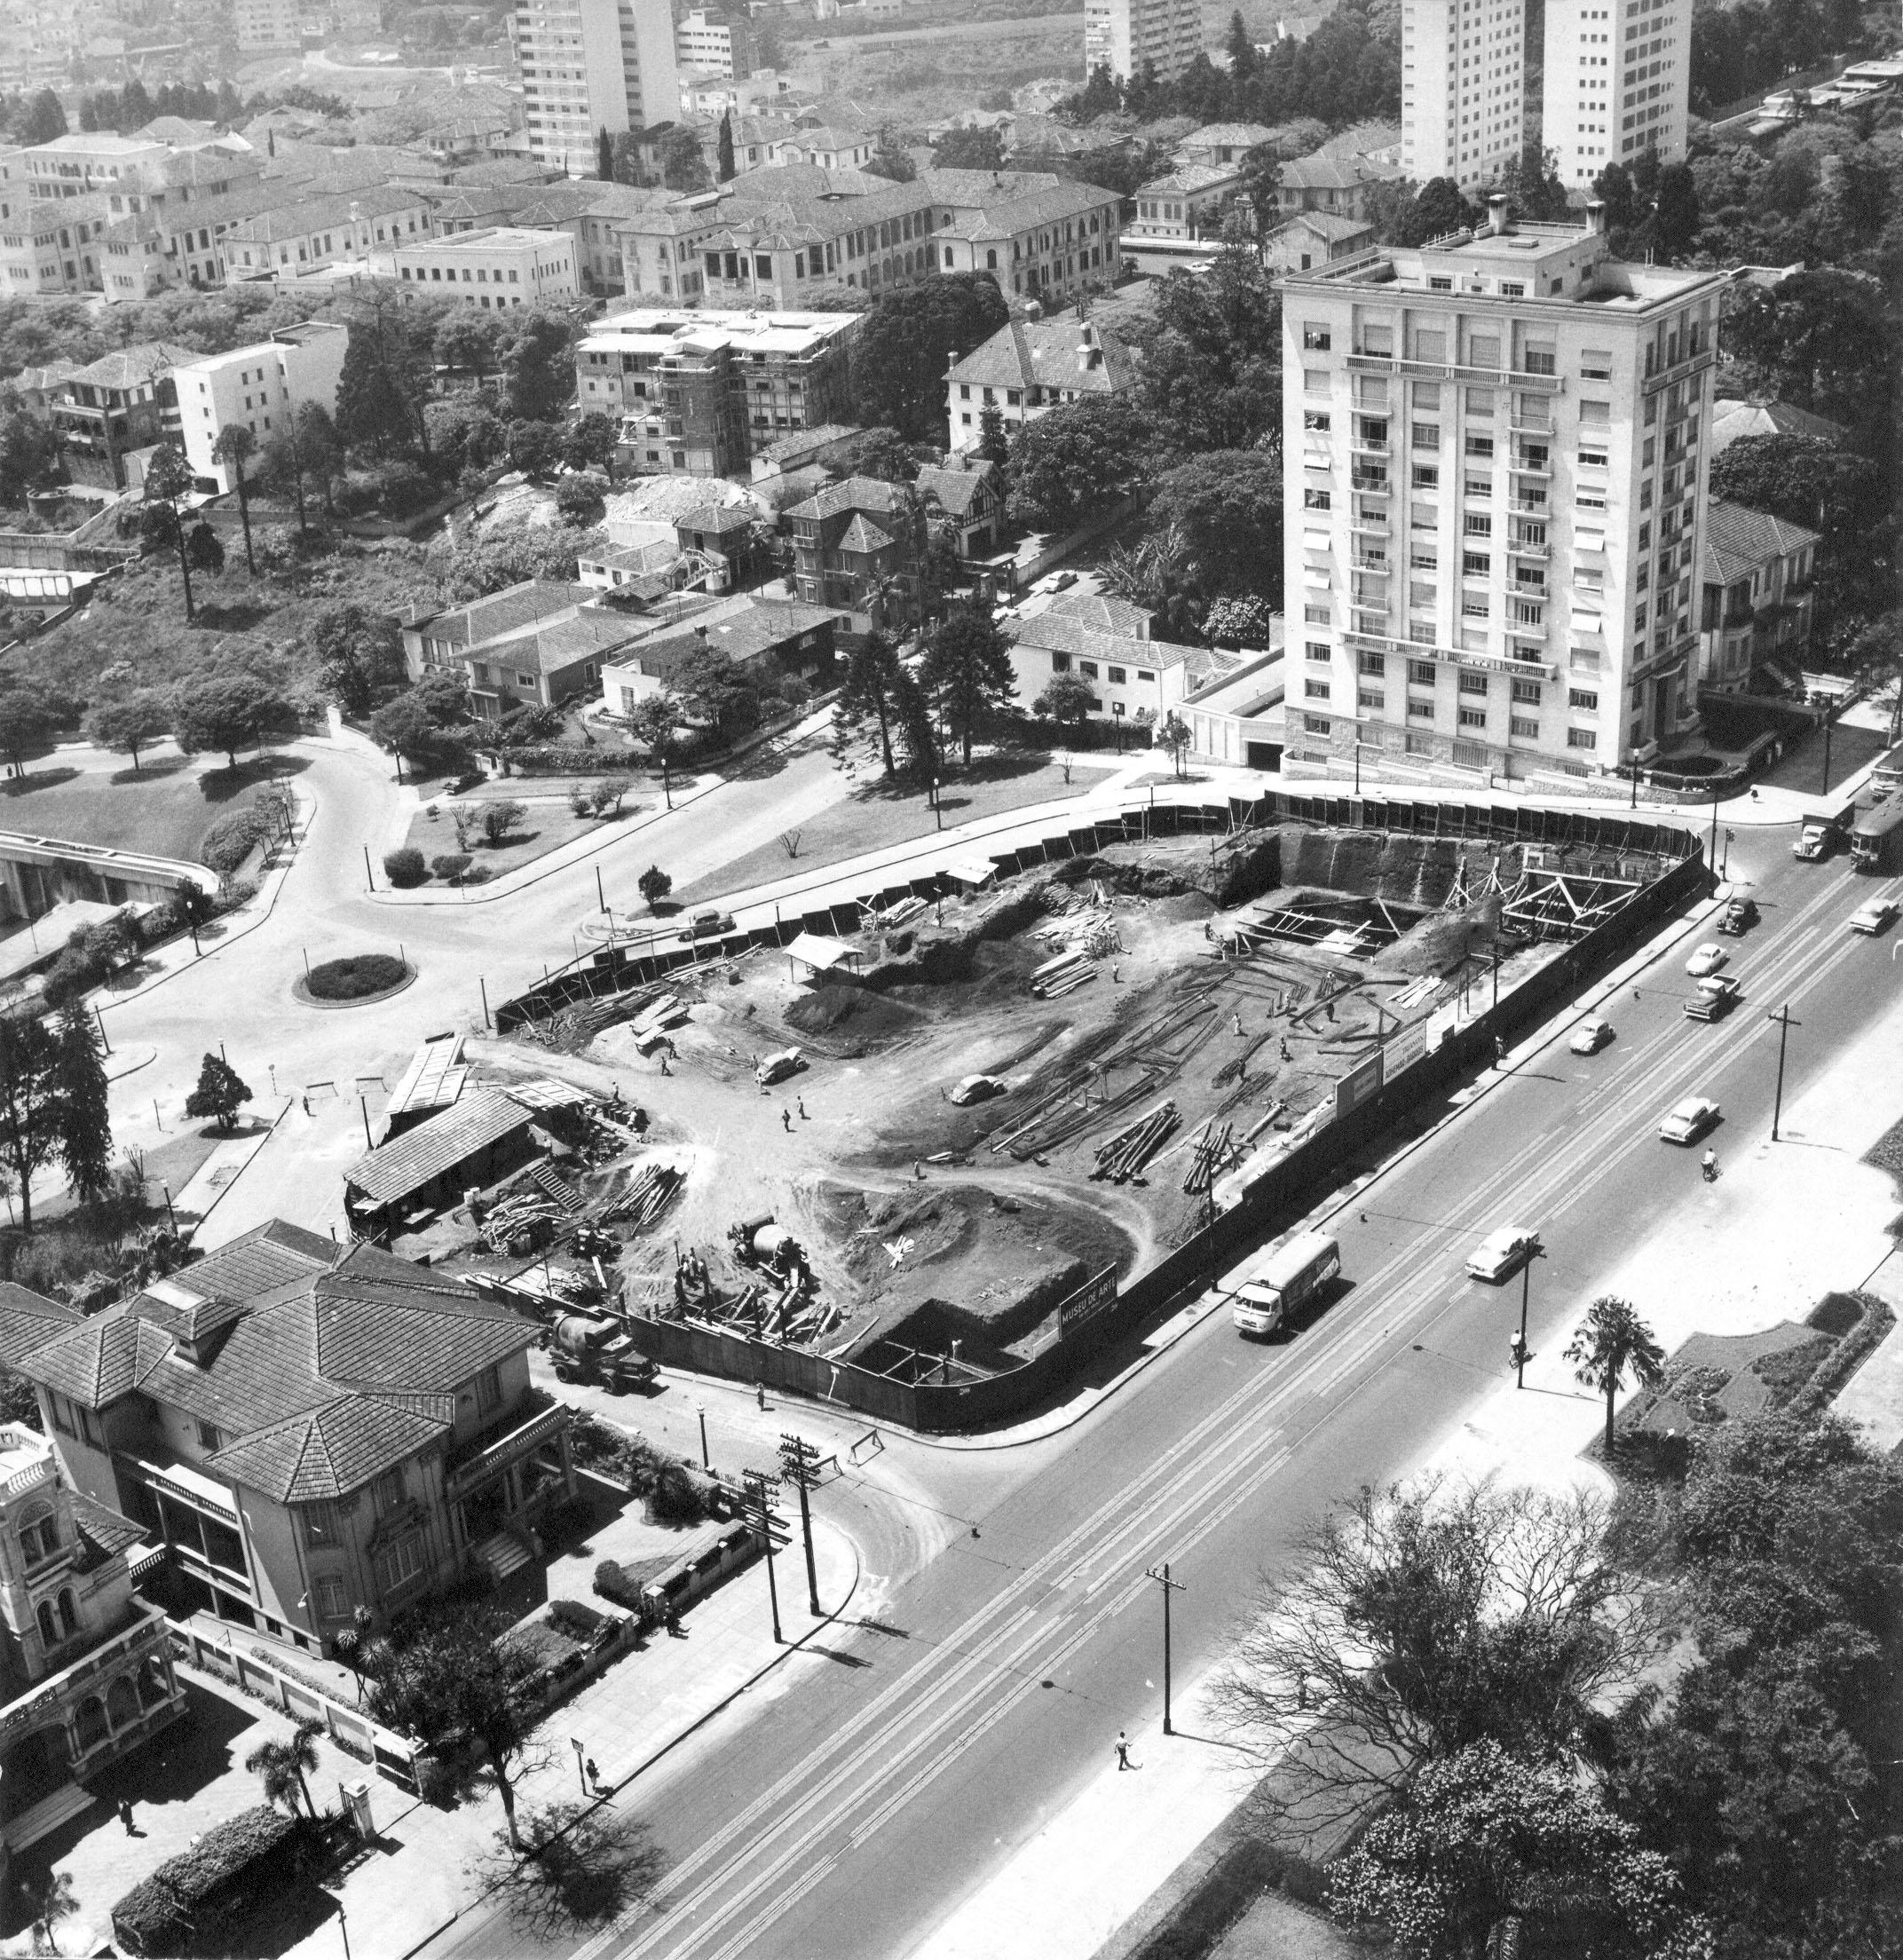 Início das obras, para construção do prédio na avenida paulista, em 1950